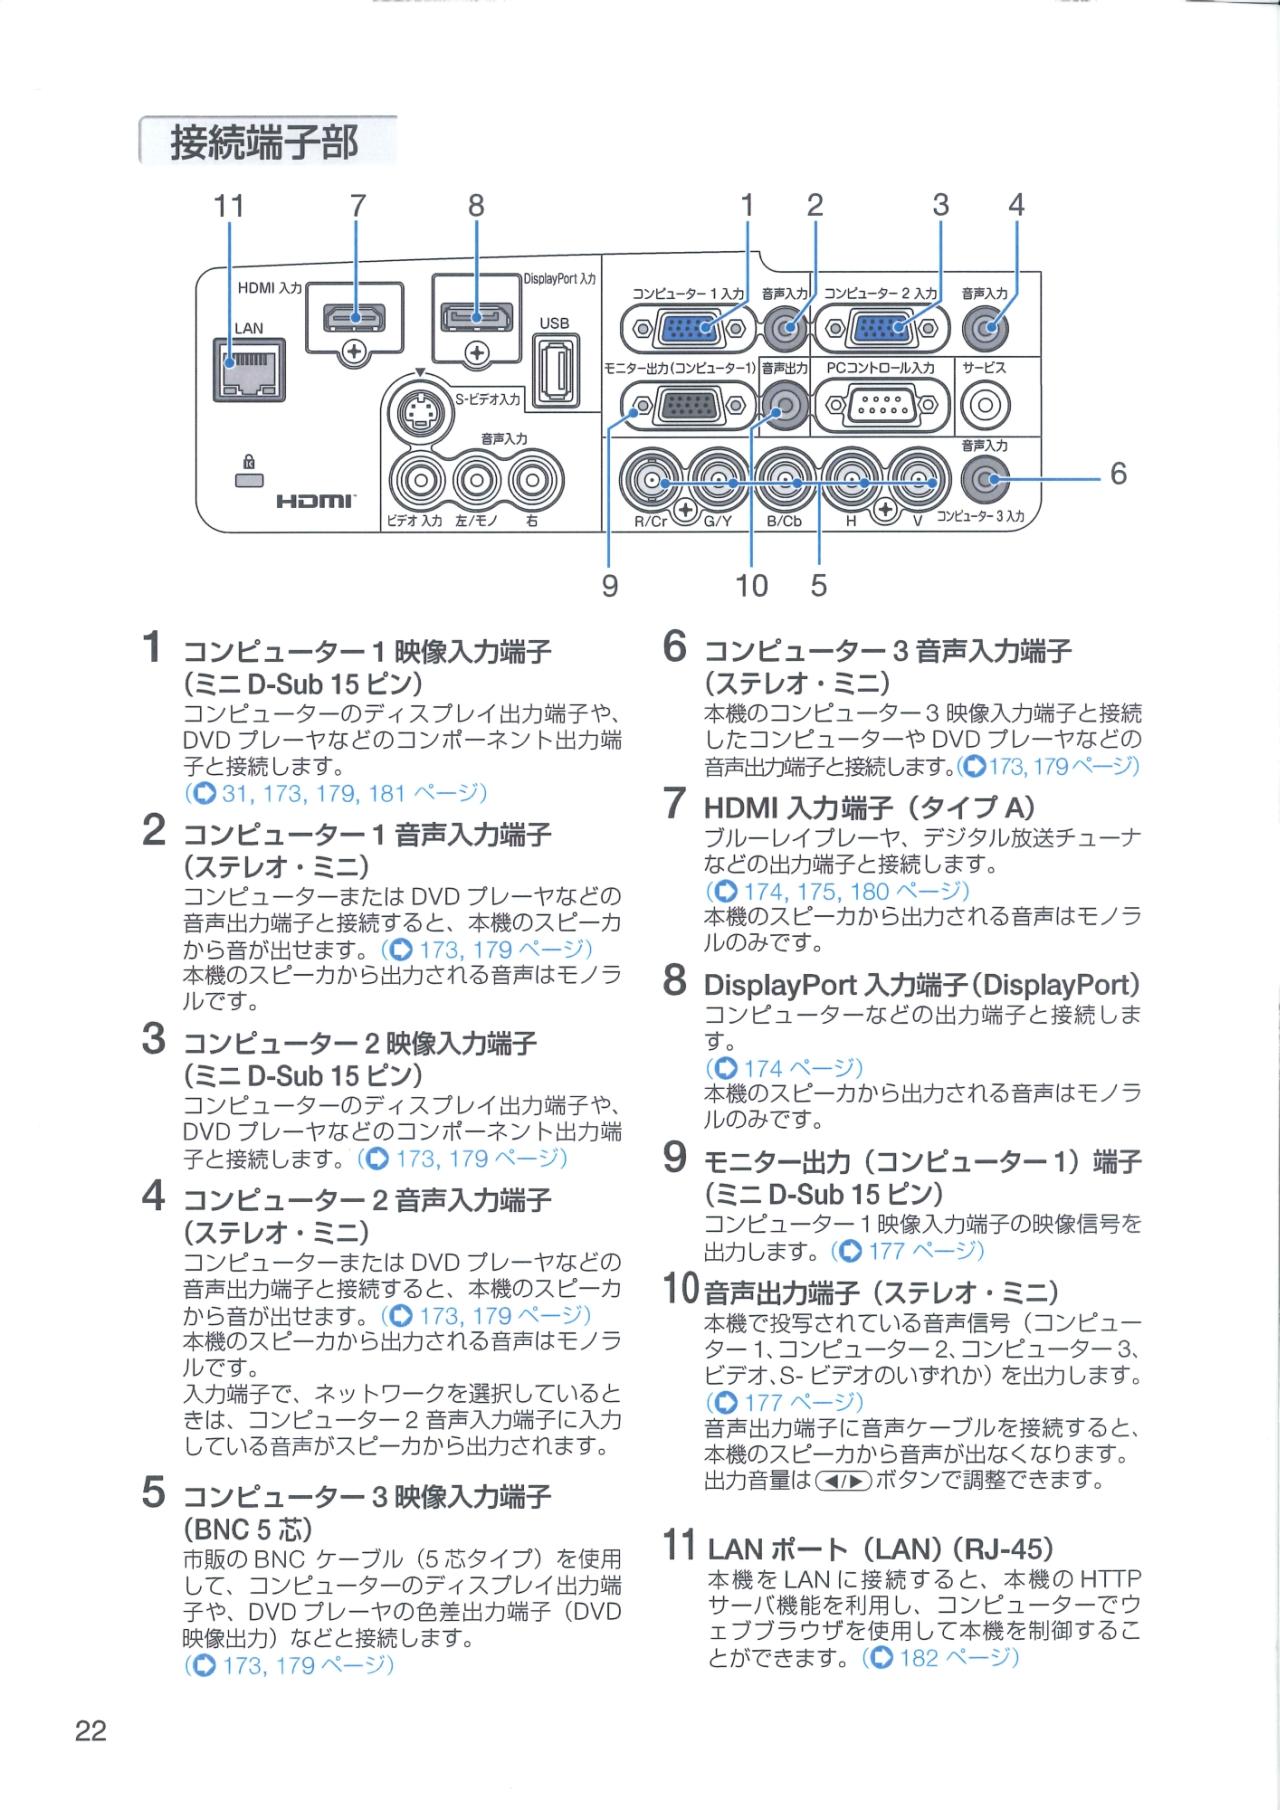 接続端子1